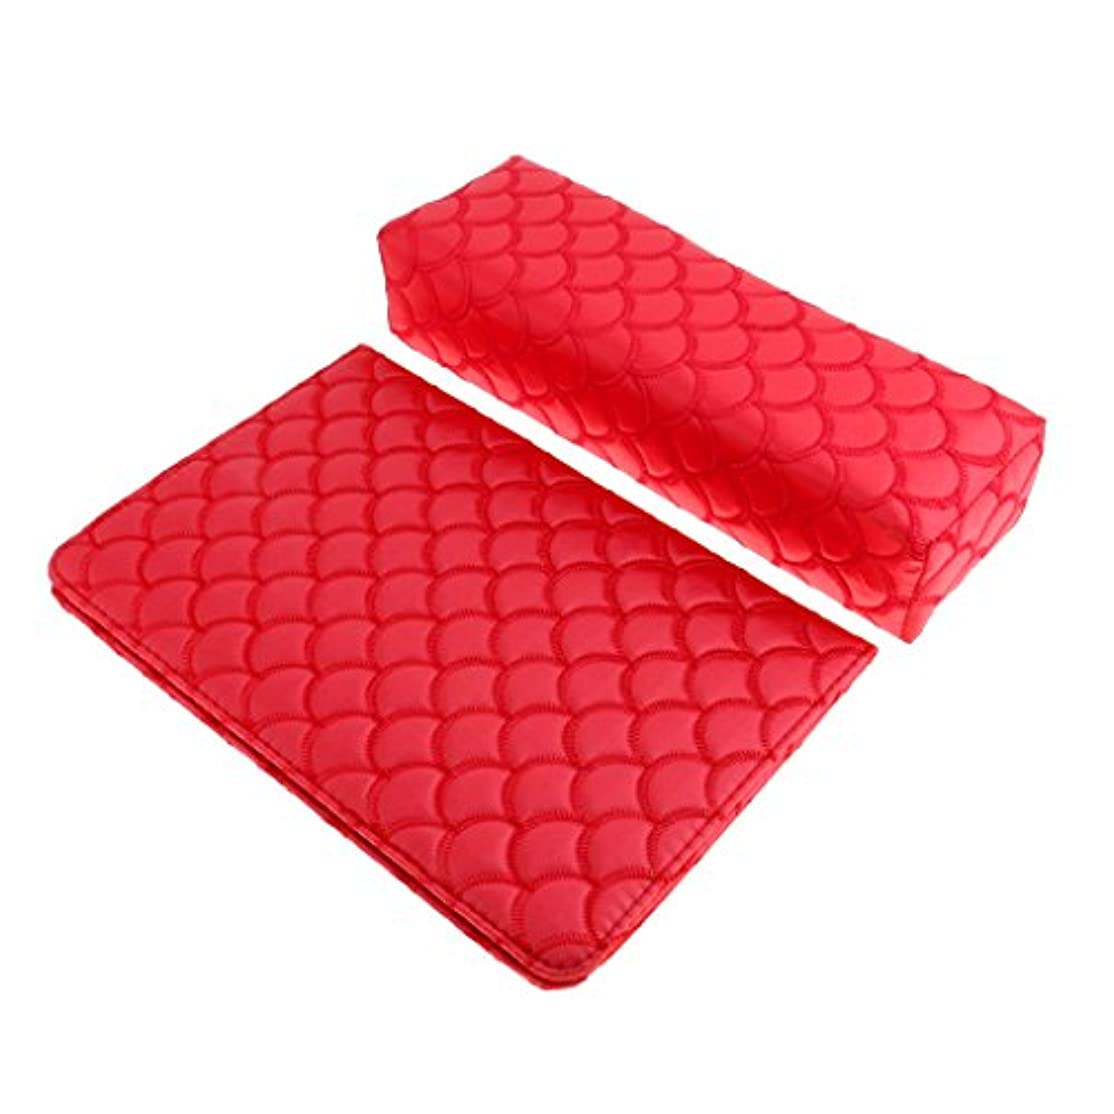 バリア比喩自動的にソフト ハンドクッション ネイルピロー パッド ネイルアート デザイン マニキュア アームレストホルダー 多色選べる - 赤